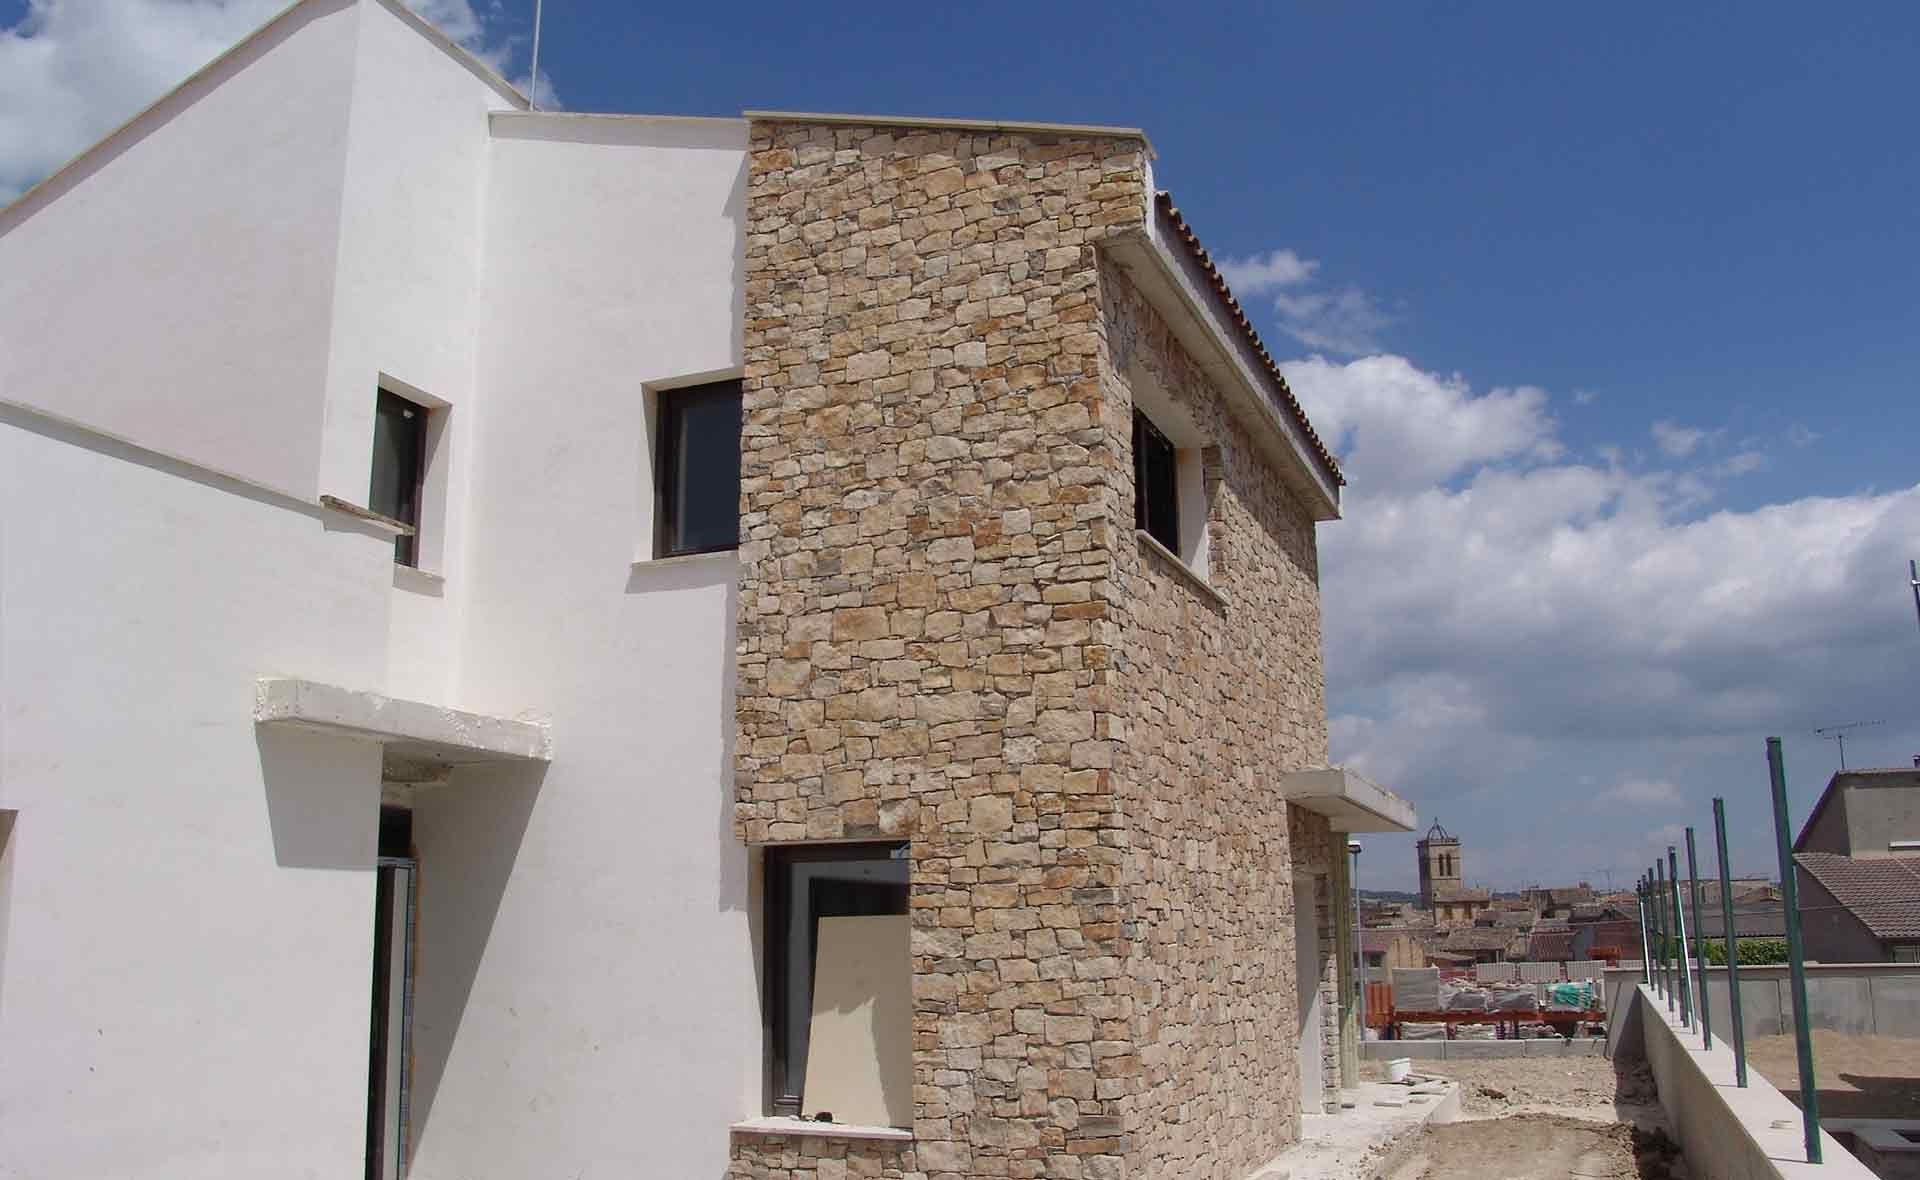 panel aplacado exterior acabado en piedra natural para inmueble en la localidad de santa coloma de